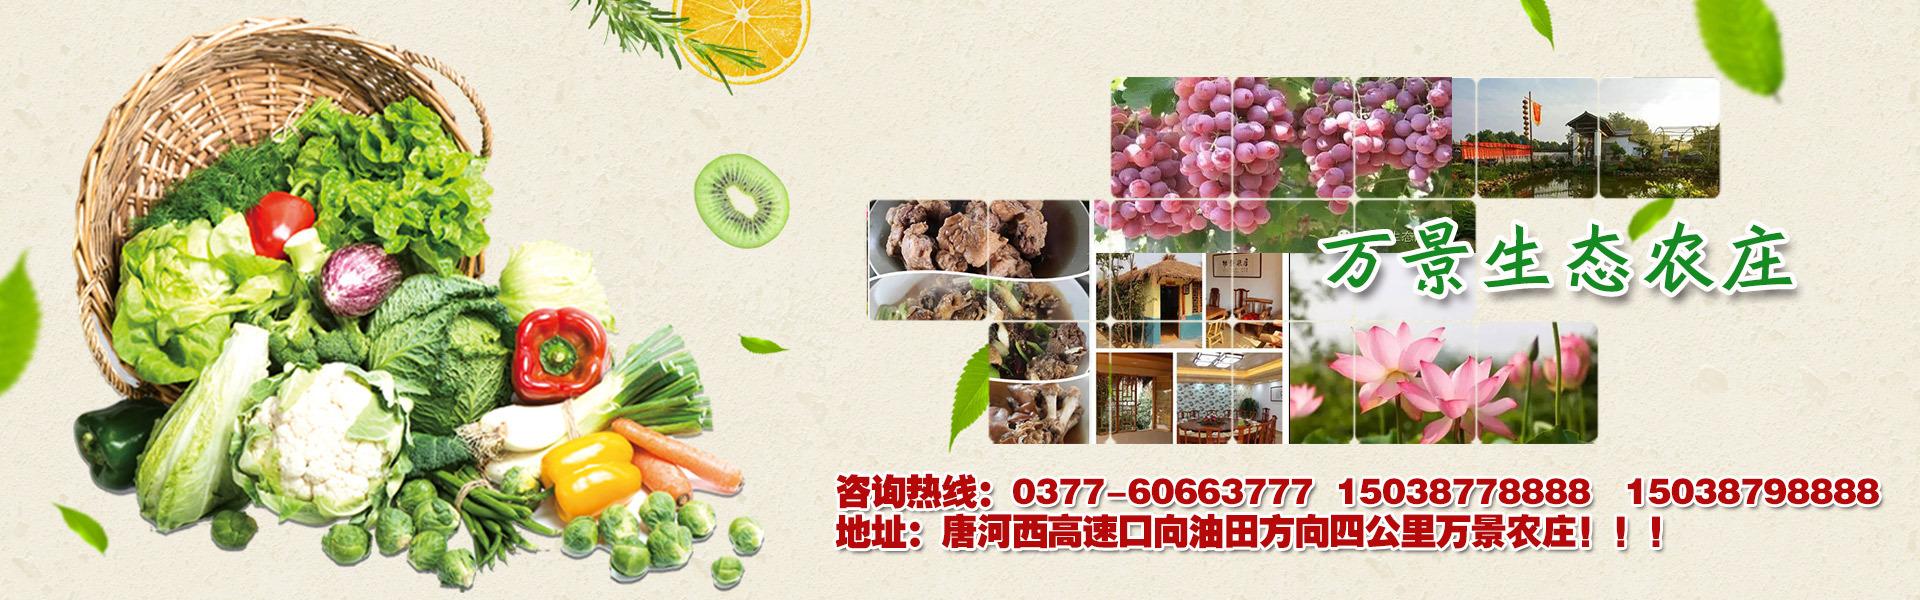 www.318am太阳城